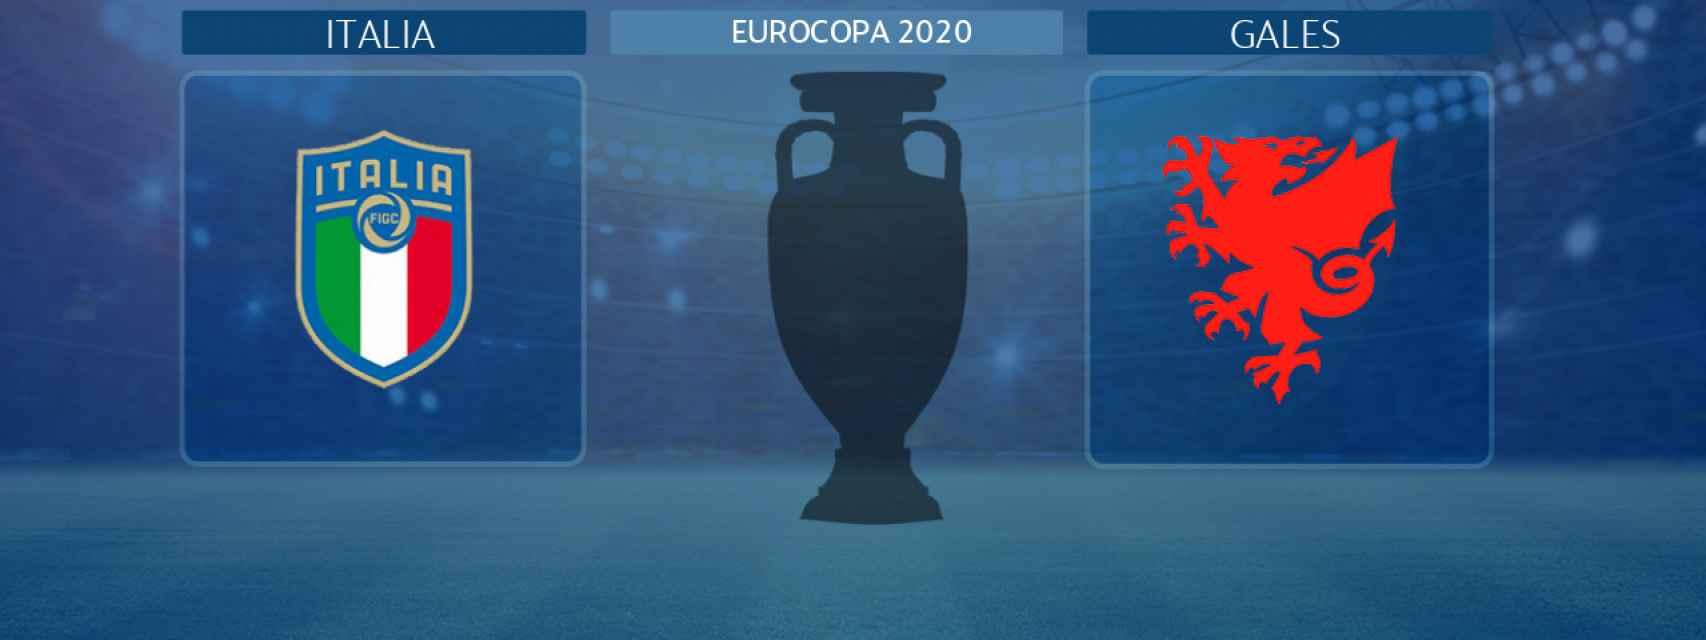 Italia - Gales, partido de la Eurocopa 2020